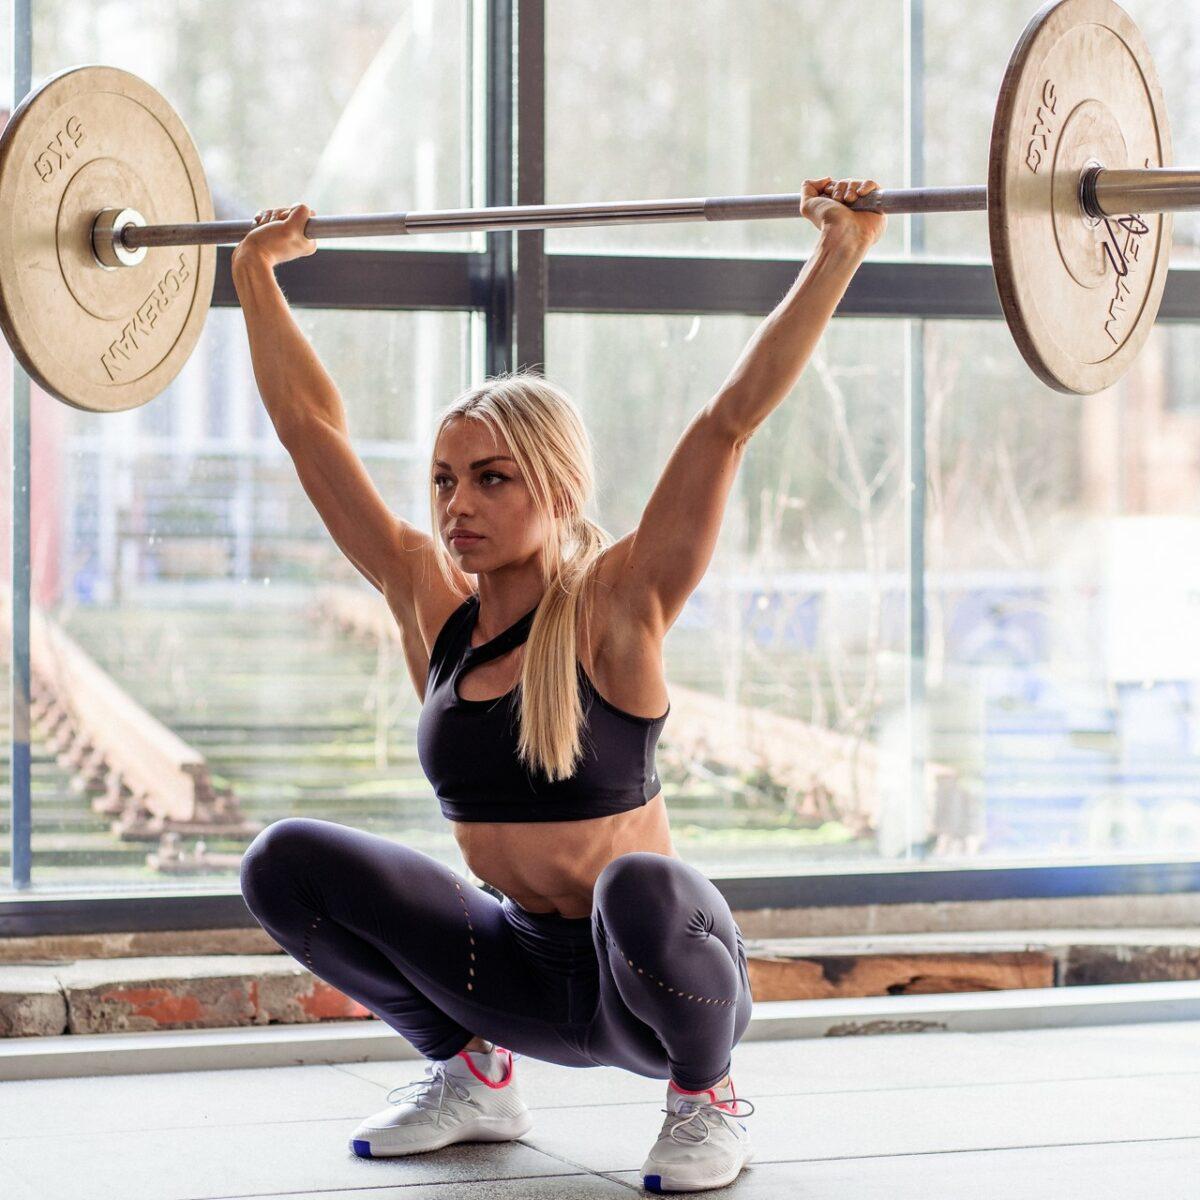 Marie Steffen - Snatch - Weightlifting